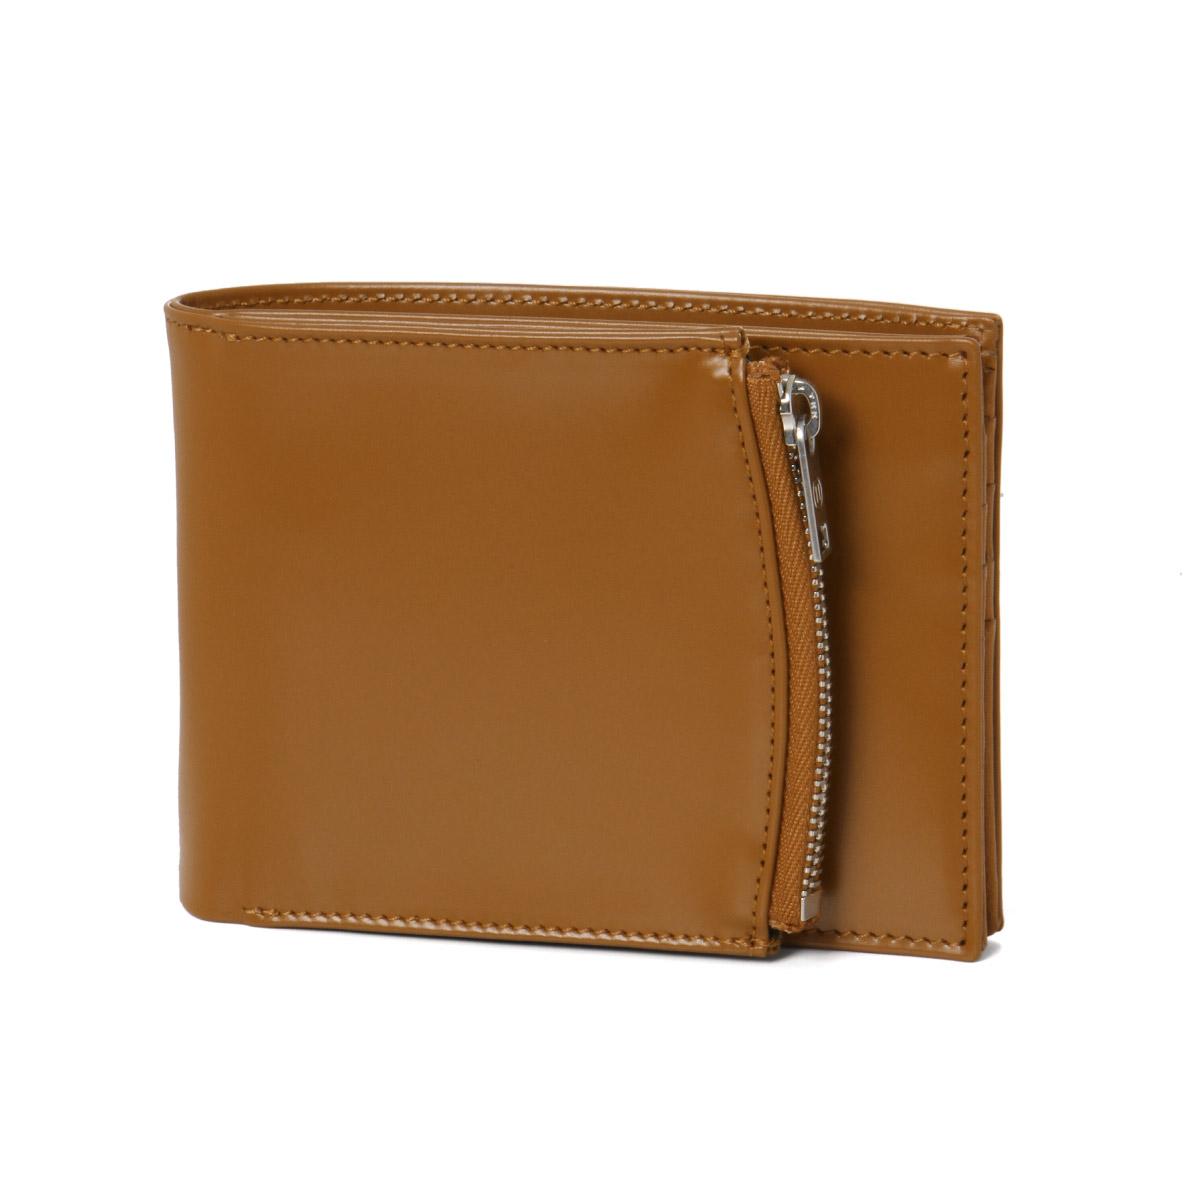 メゾン マルジェラ MAISON MARGIELA 財布 メンズ S35UI0436 P2714 H4200 ライン11 二つ折り財布 BROWN ブラウン